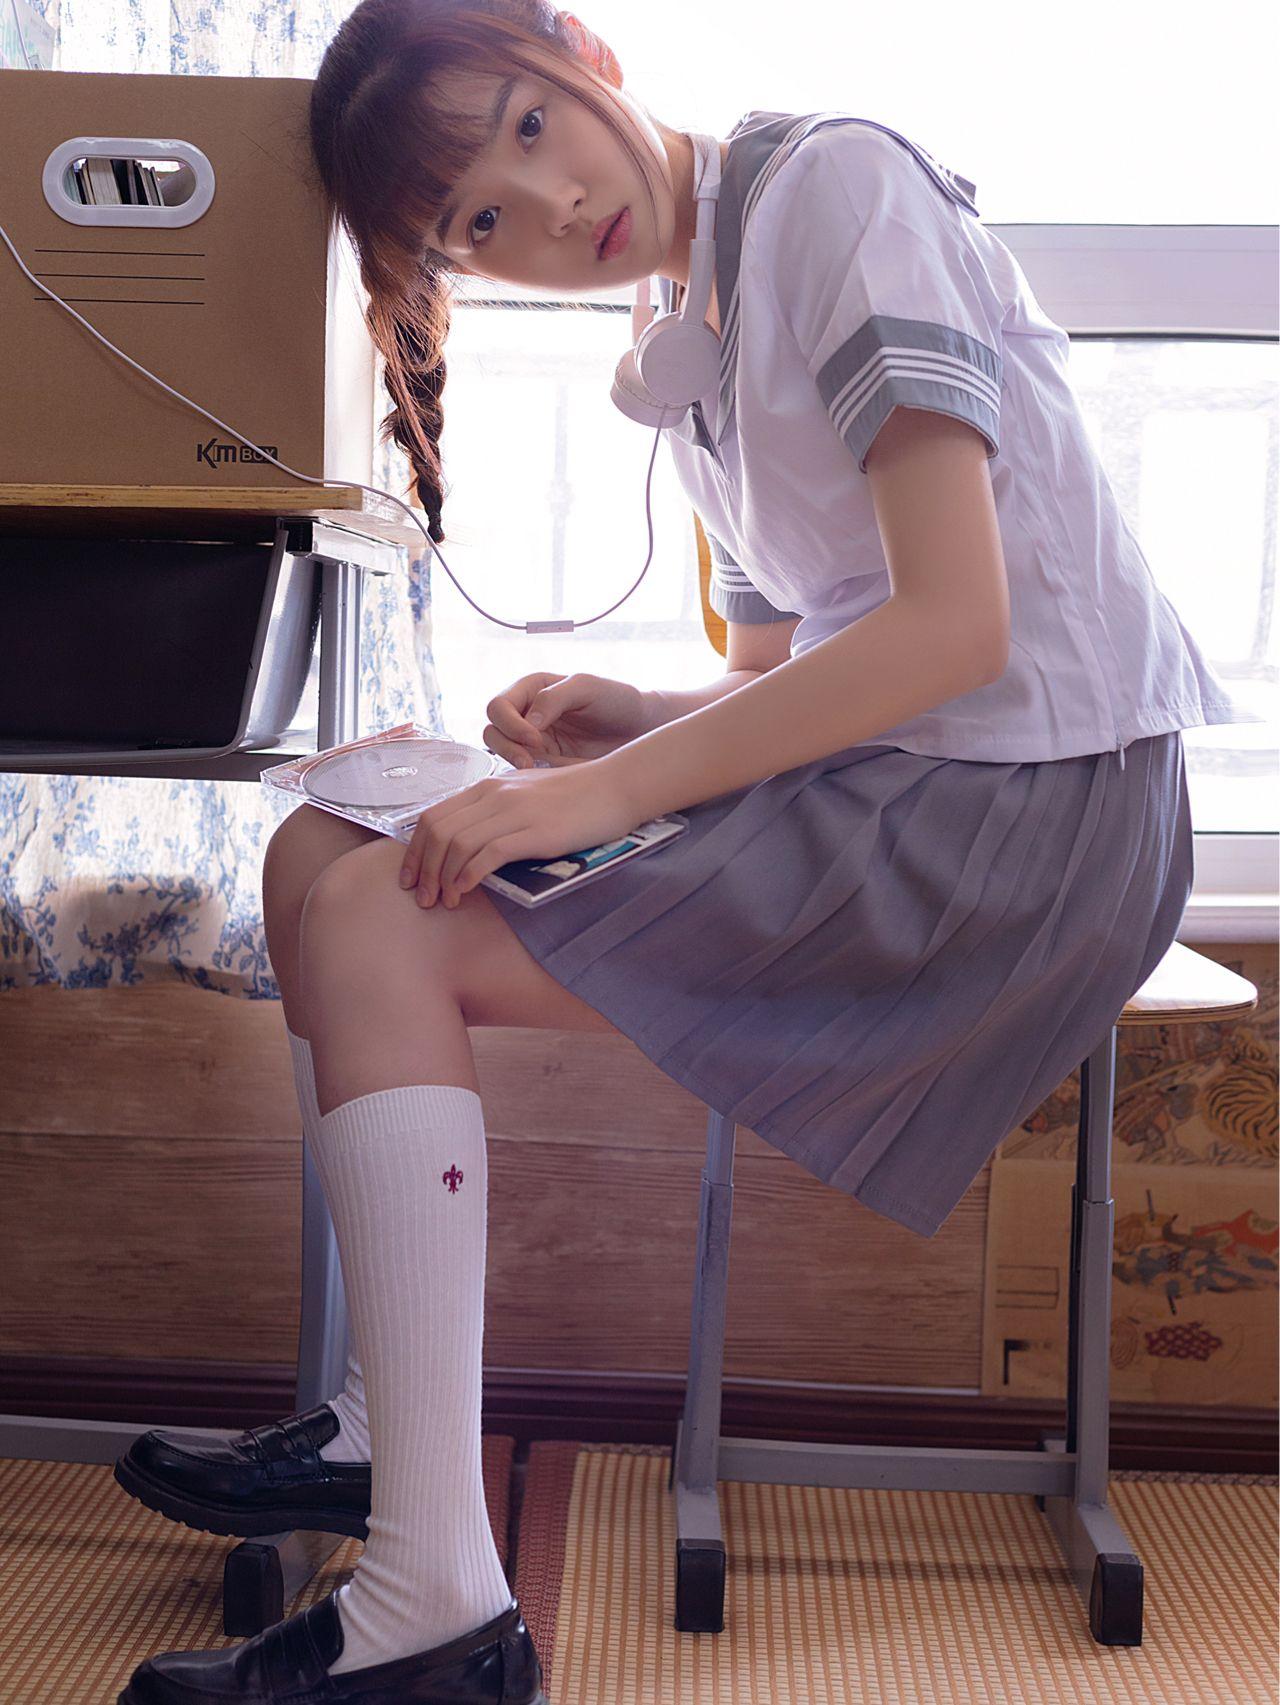 水手服美少女聽絕版CD音樂💽